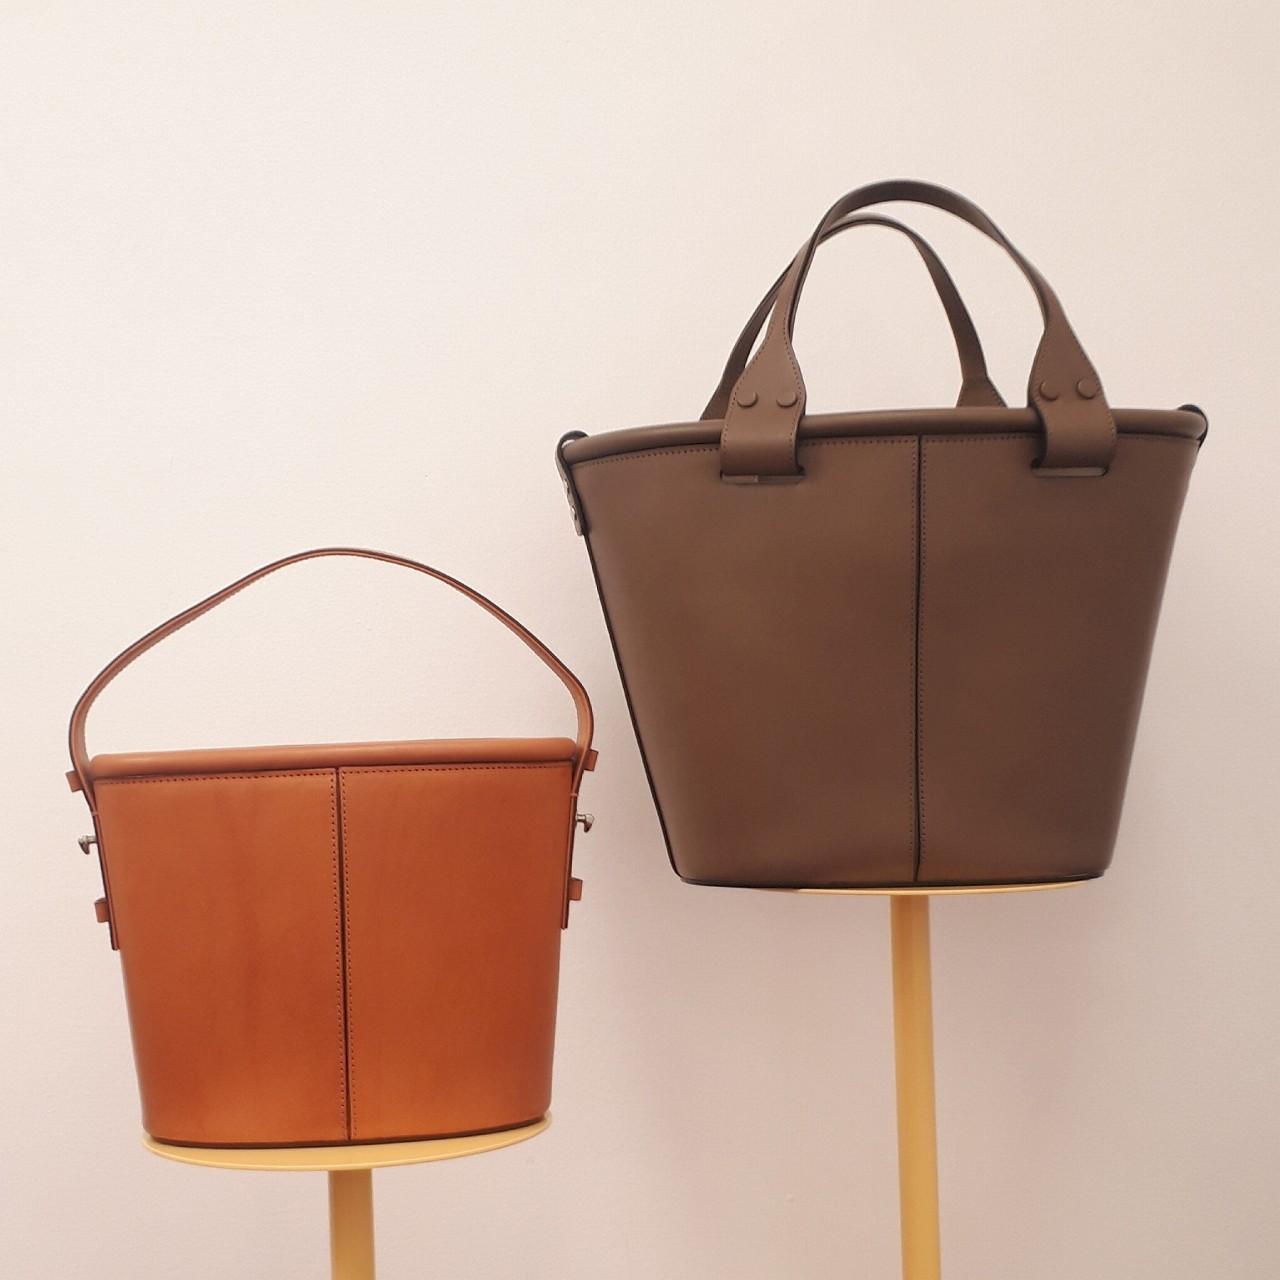 【こなれ感】 エポイのバケツ型バッグ